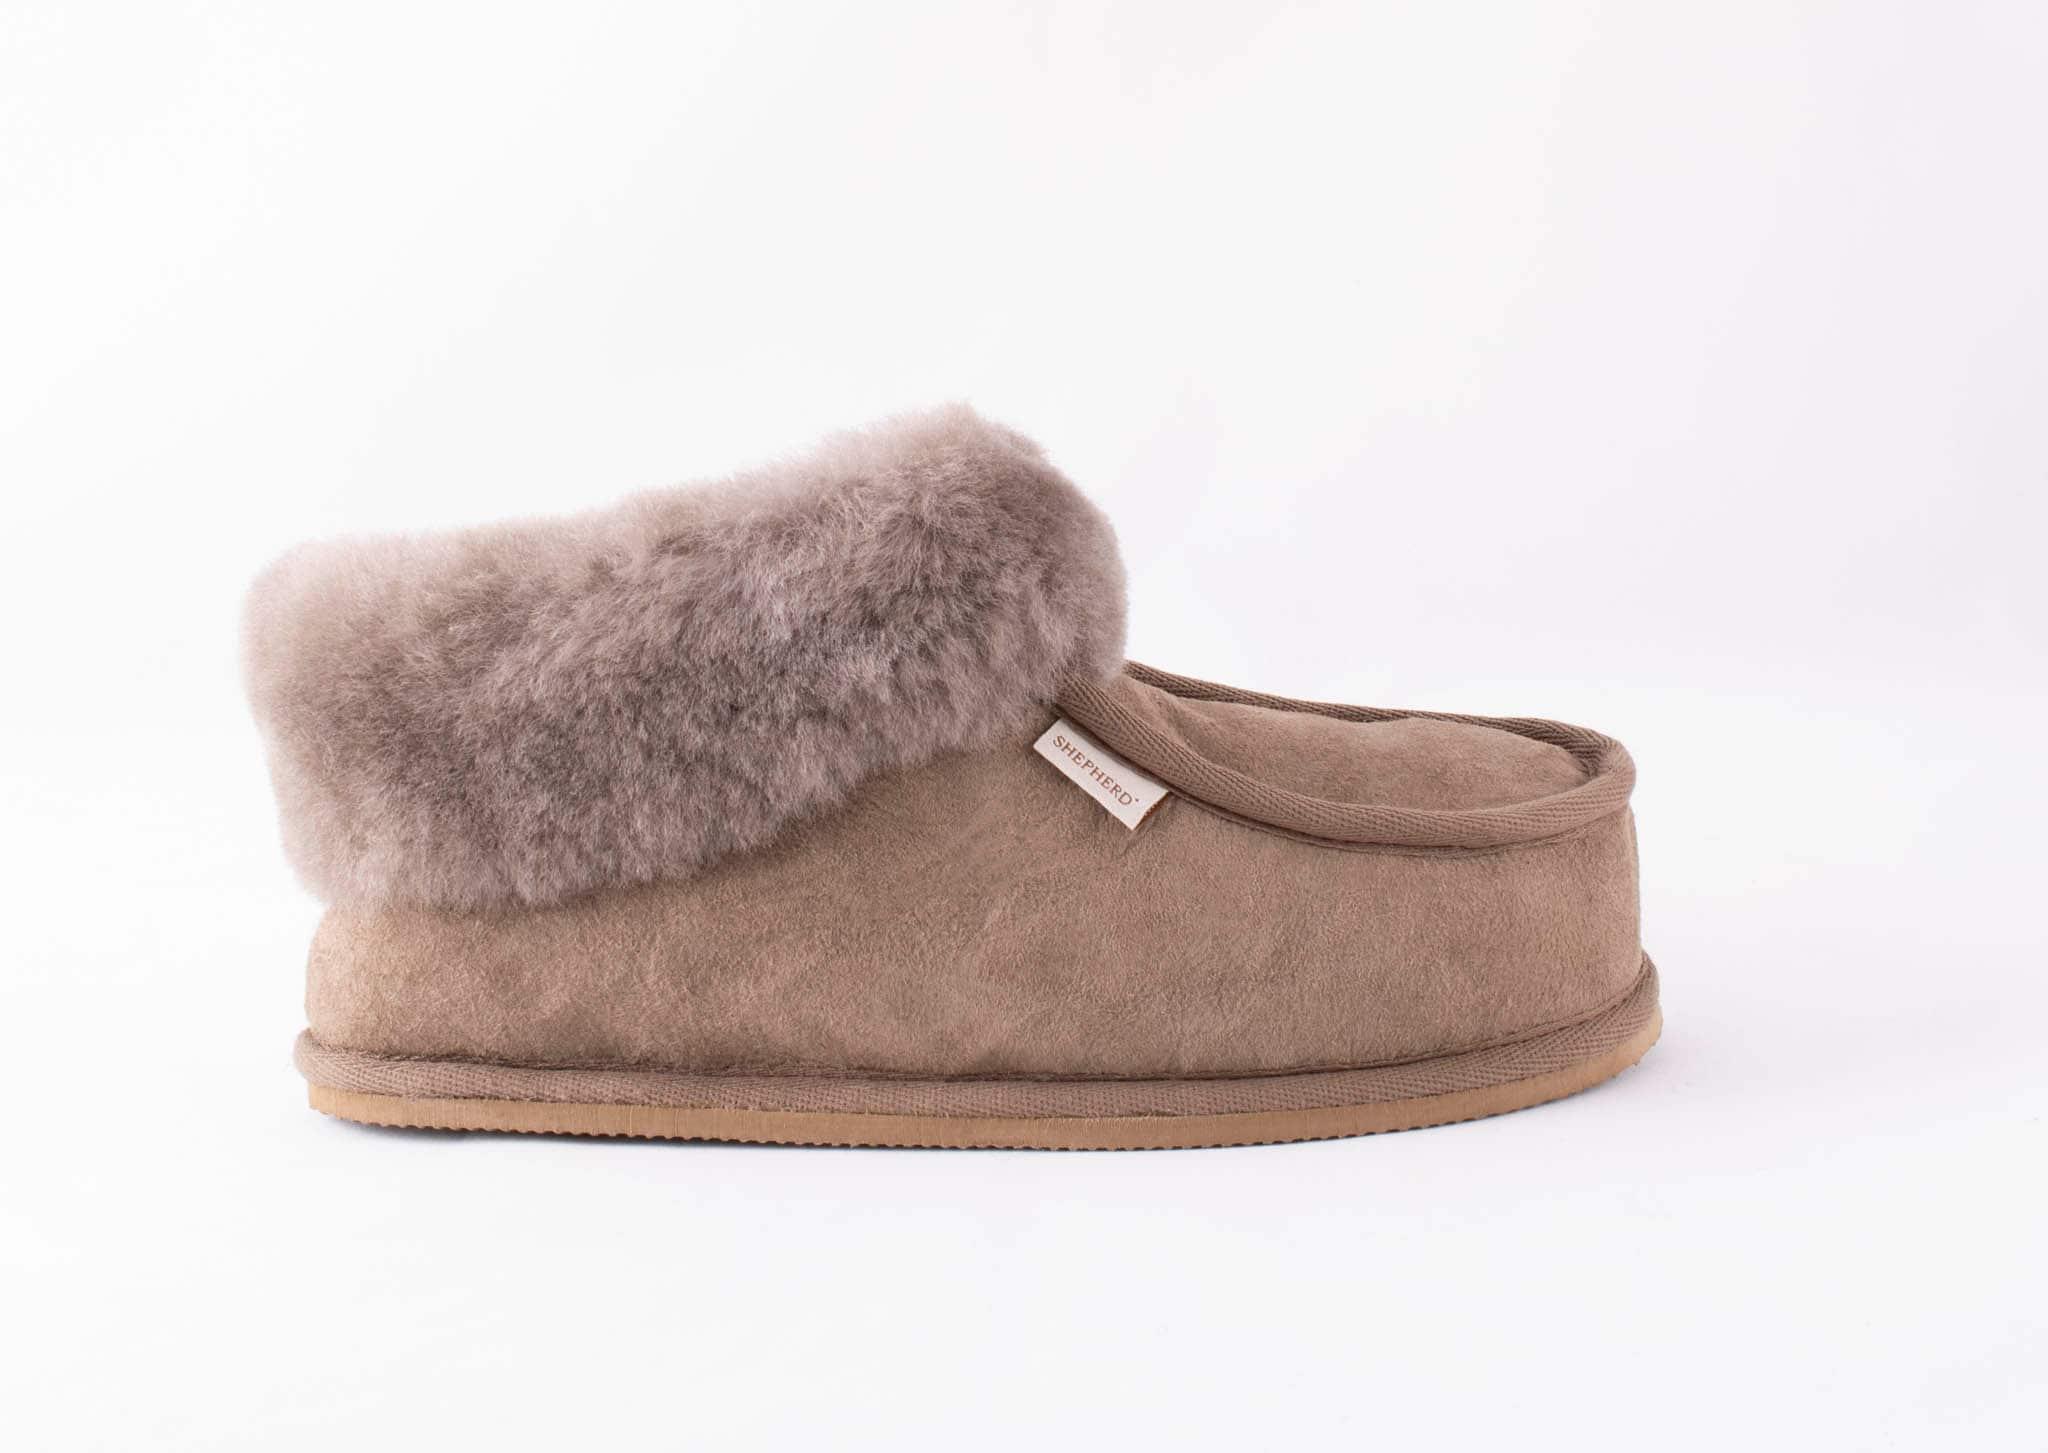 Shepherd Lena Ladies Luxury Sheepskin Bootie Style Slipper In Stone